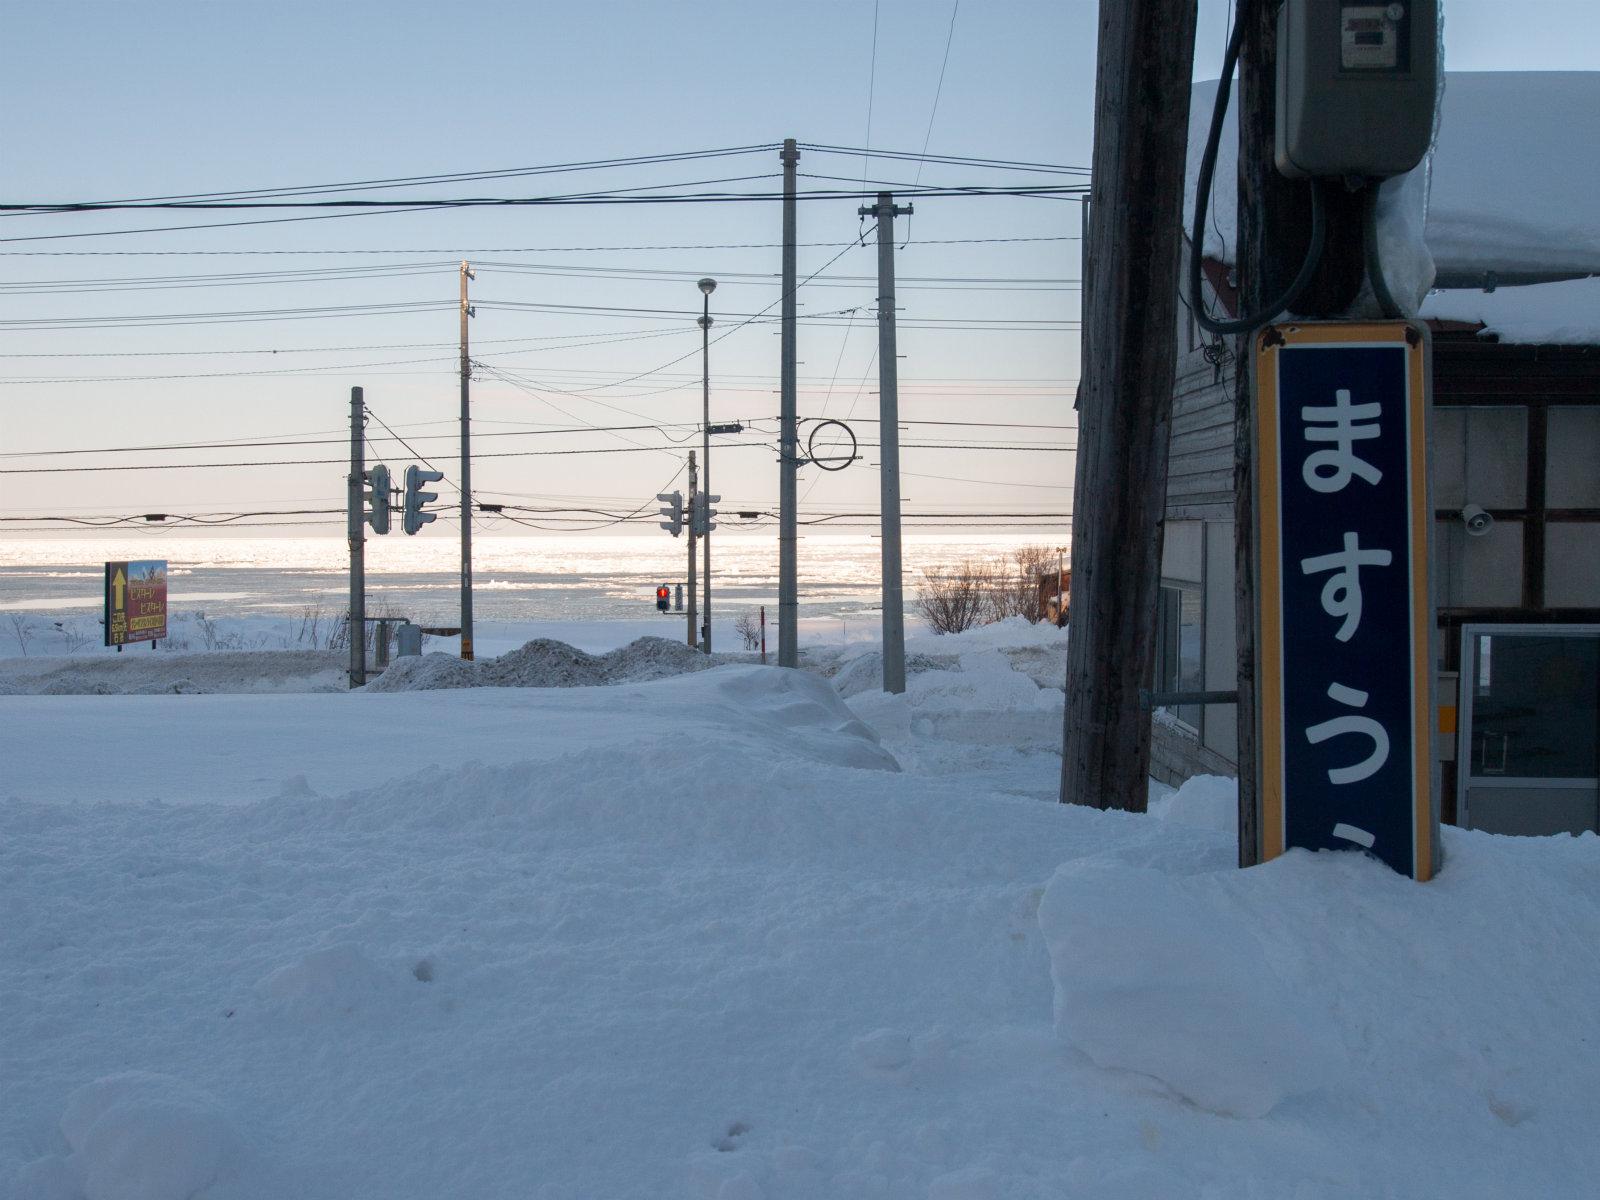 積雪のインパクトも去ることながら、流氷が日光を反射して輝いているさまには言葉を奪われます。